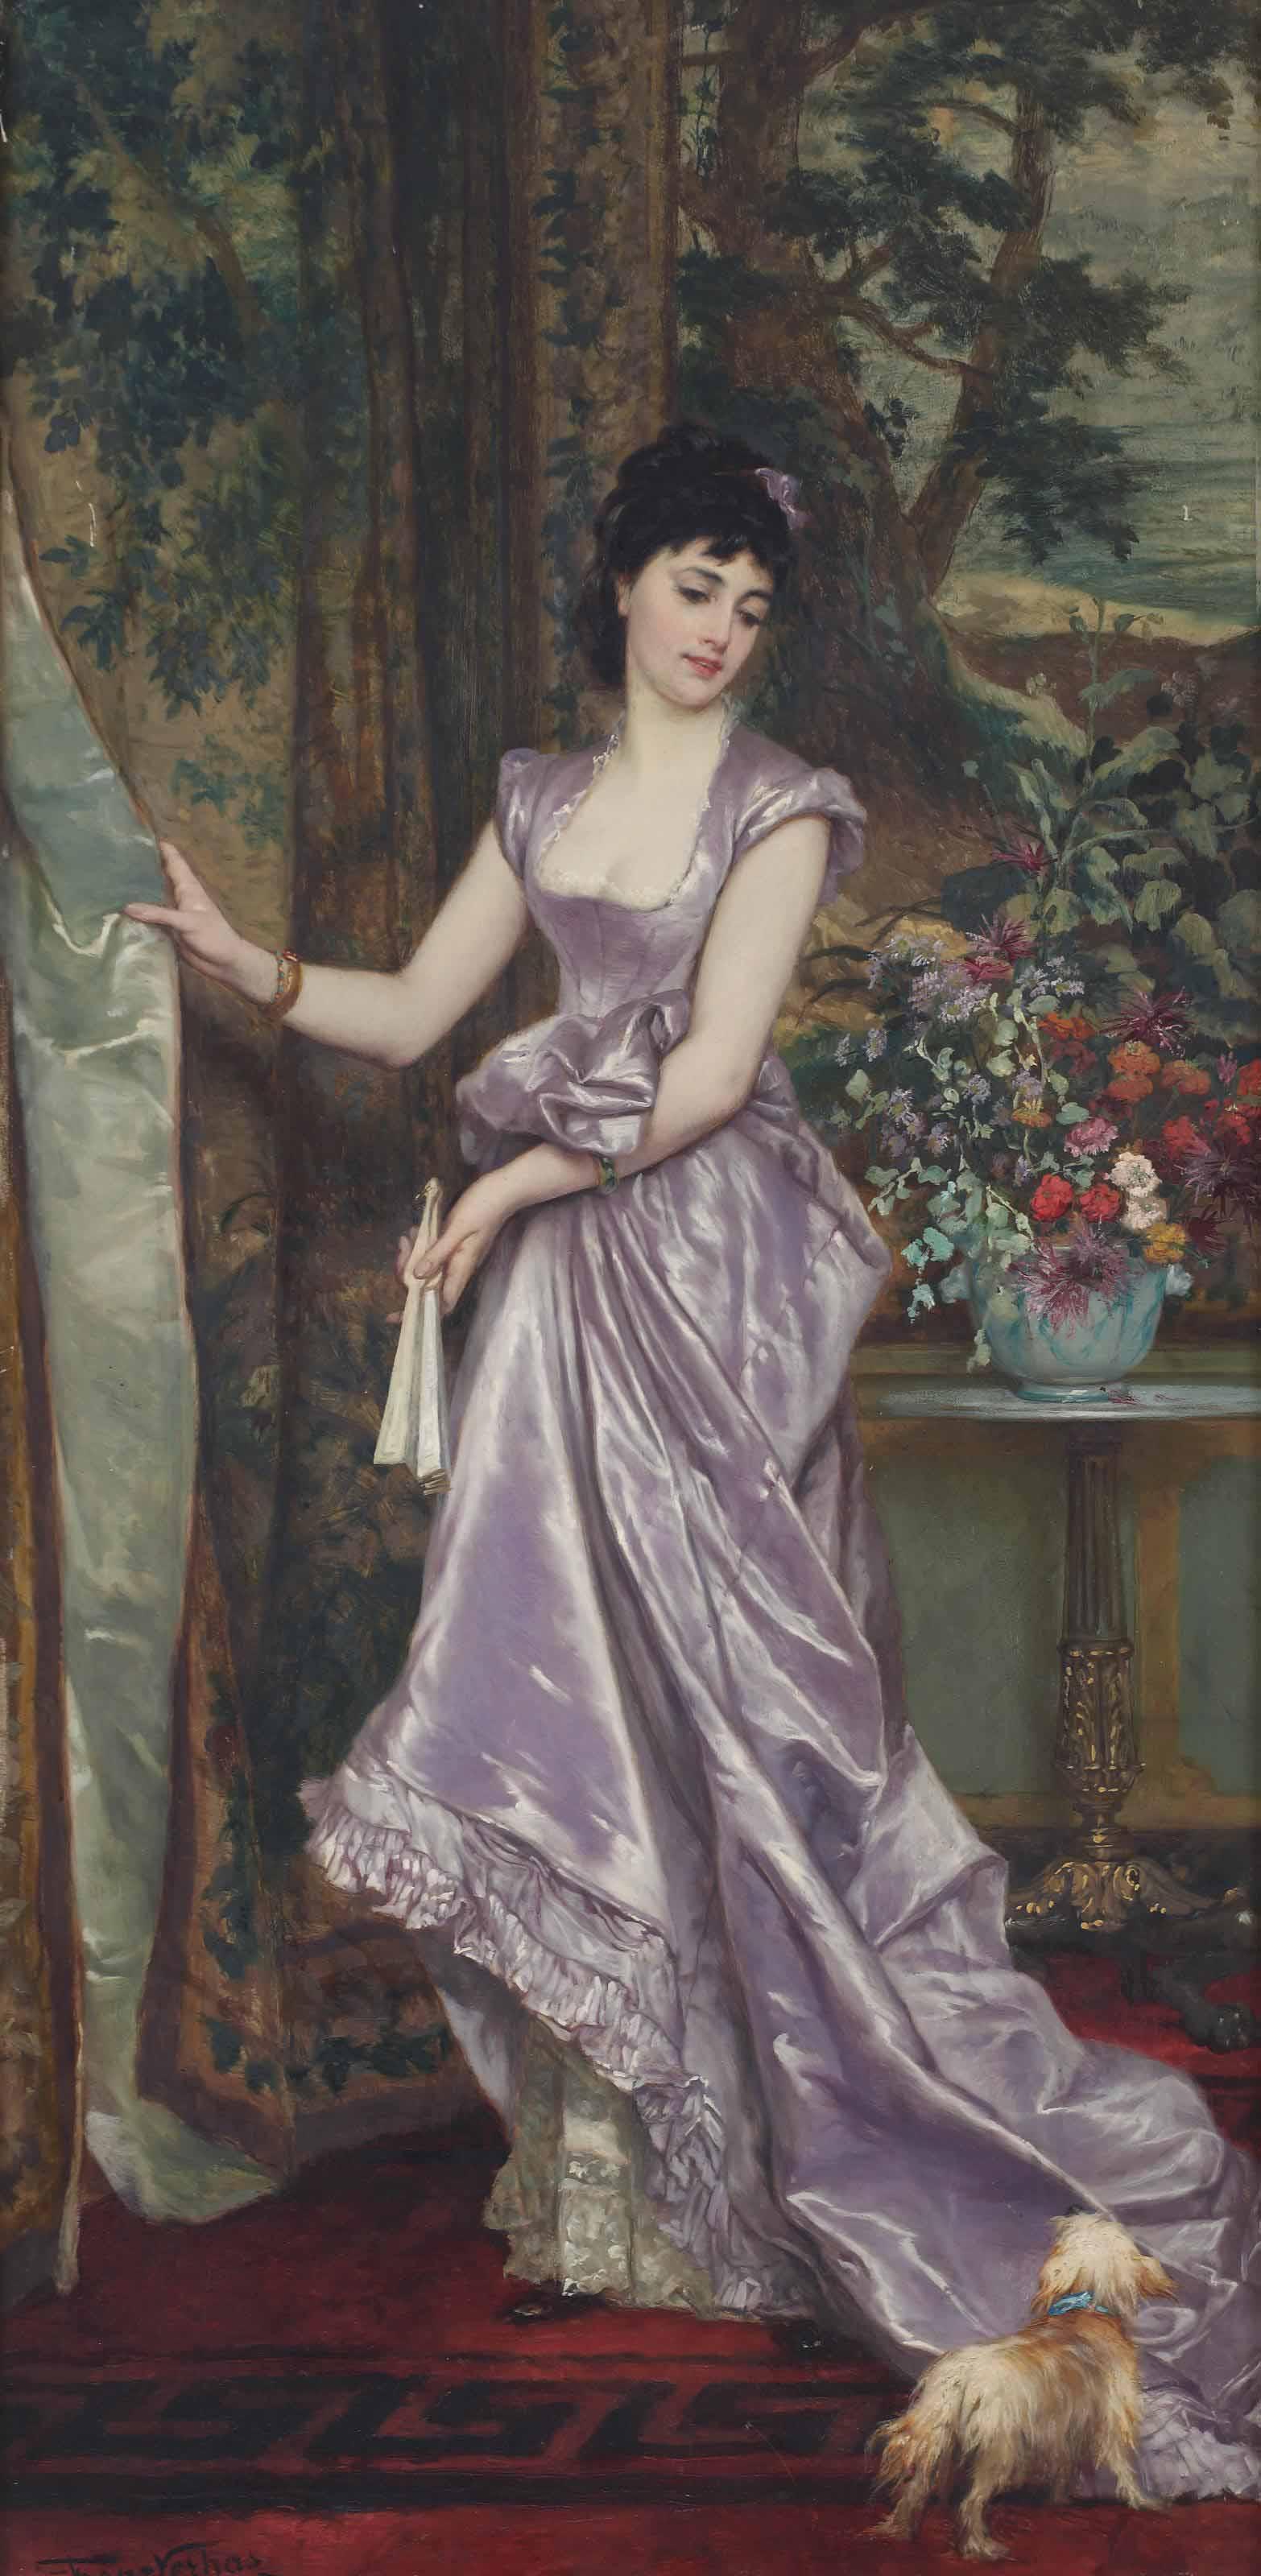 An elegant lady in purple